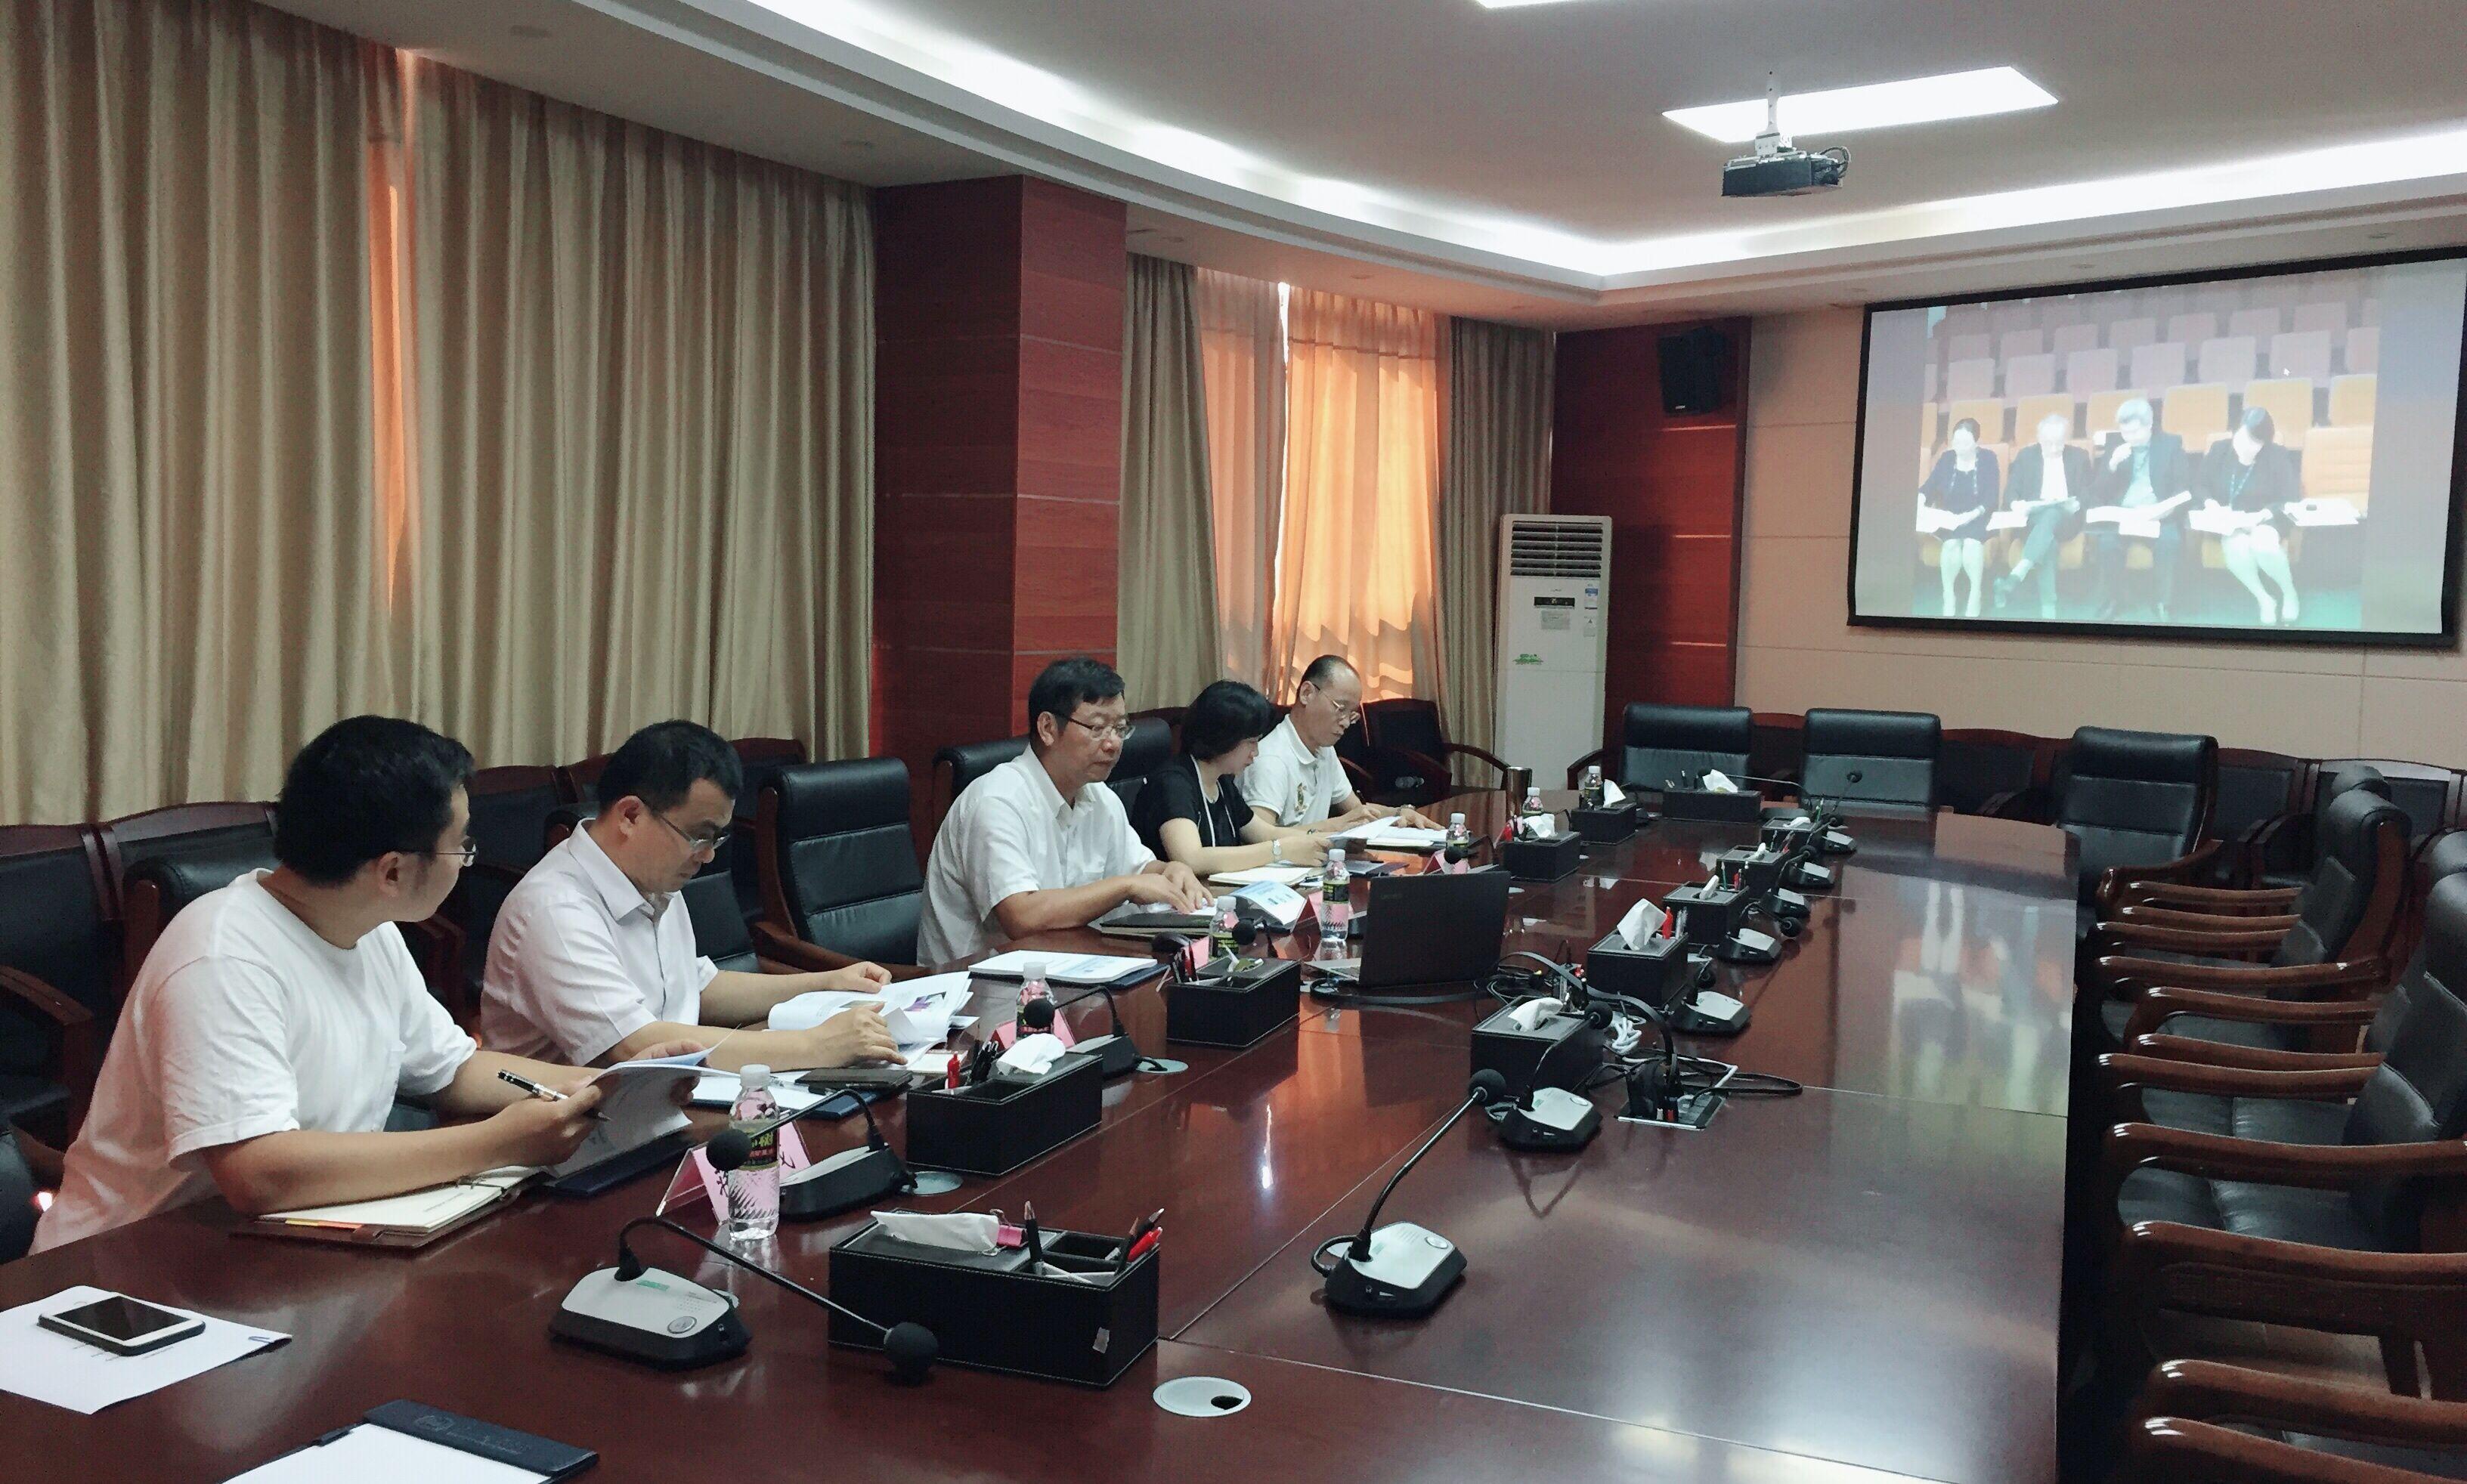 我校与马来西亚世纪大学召开孔子学院第四届理事会